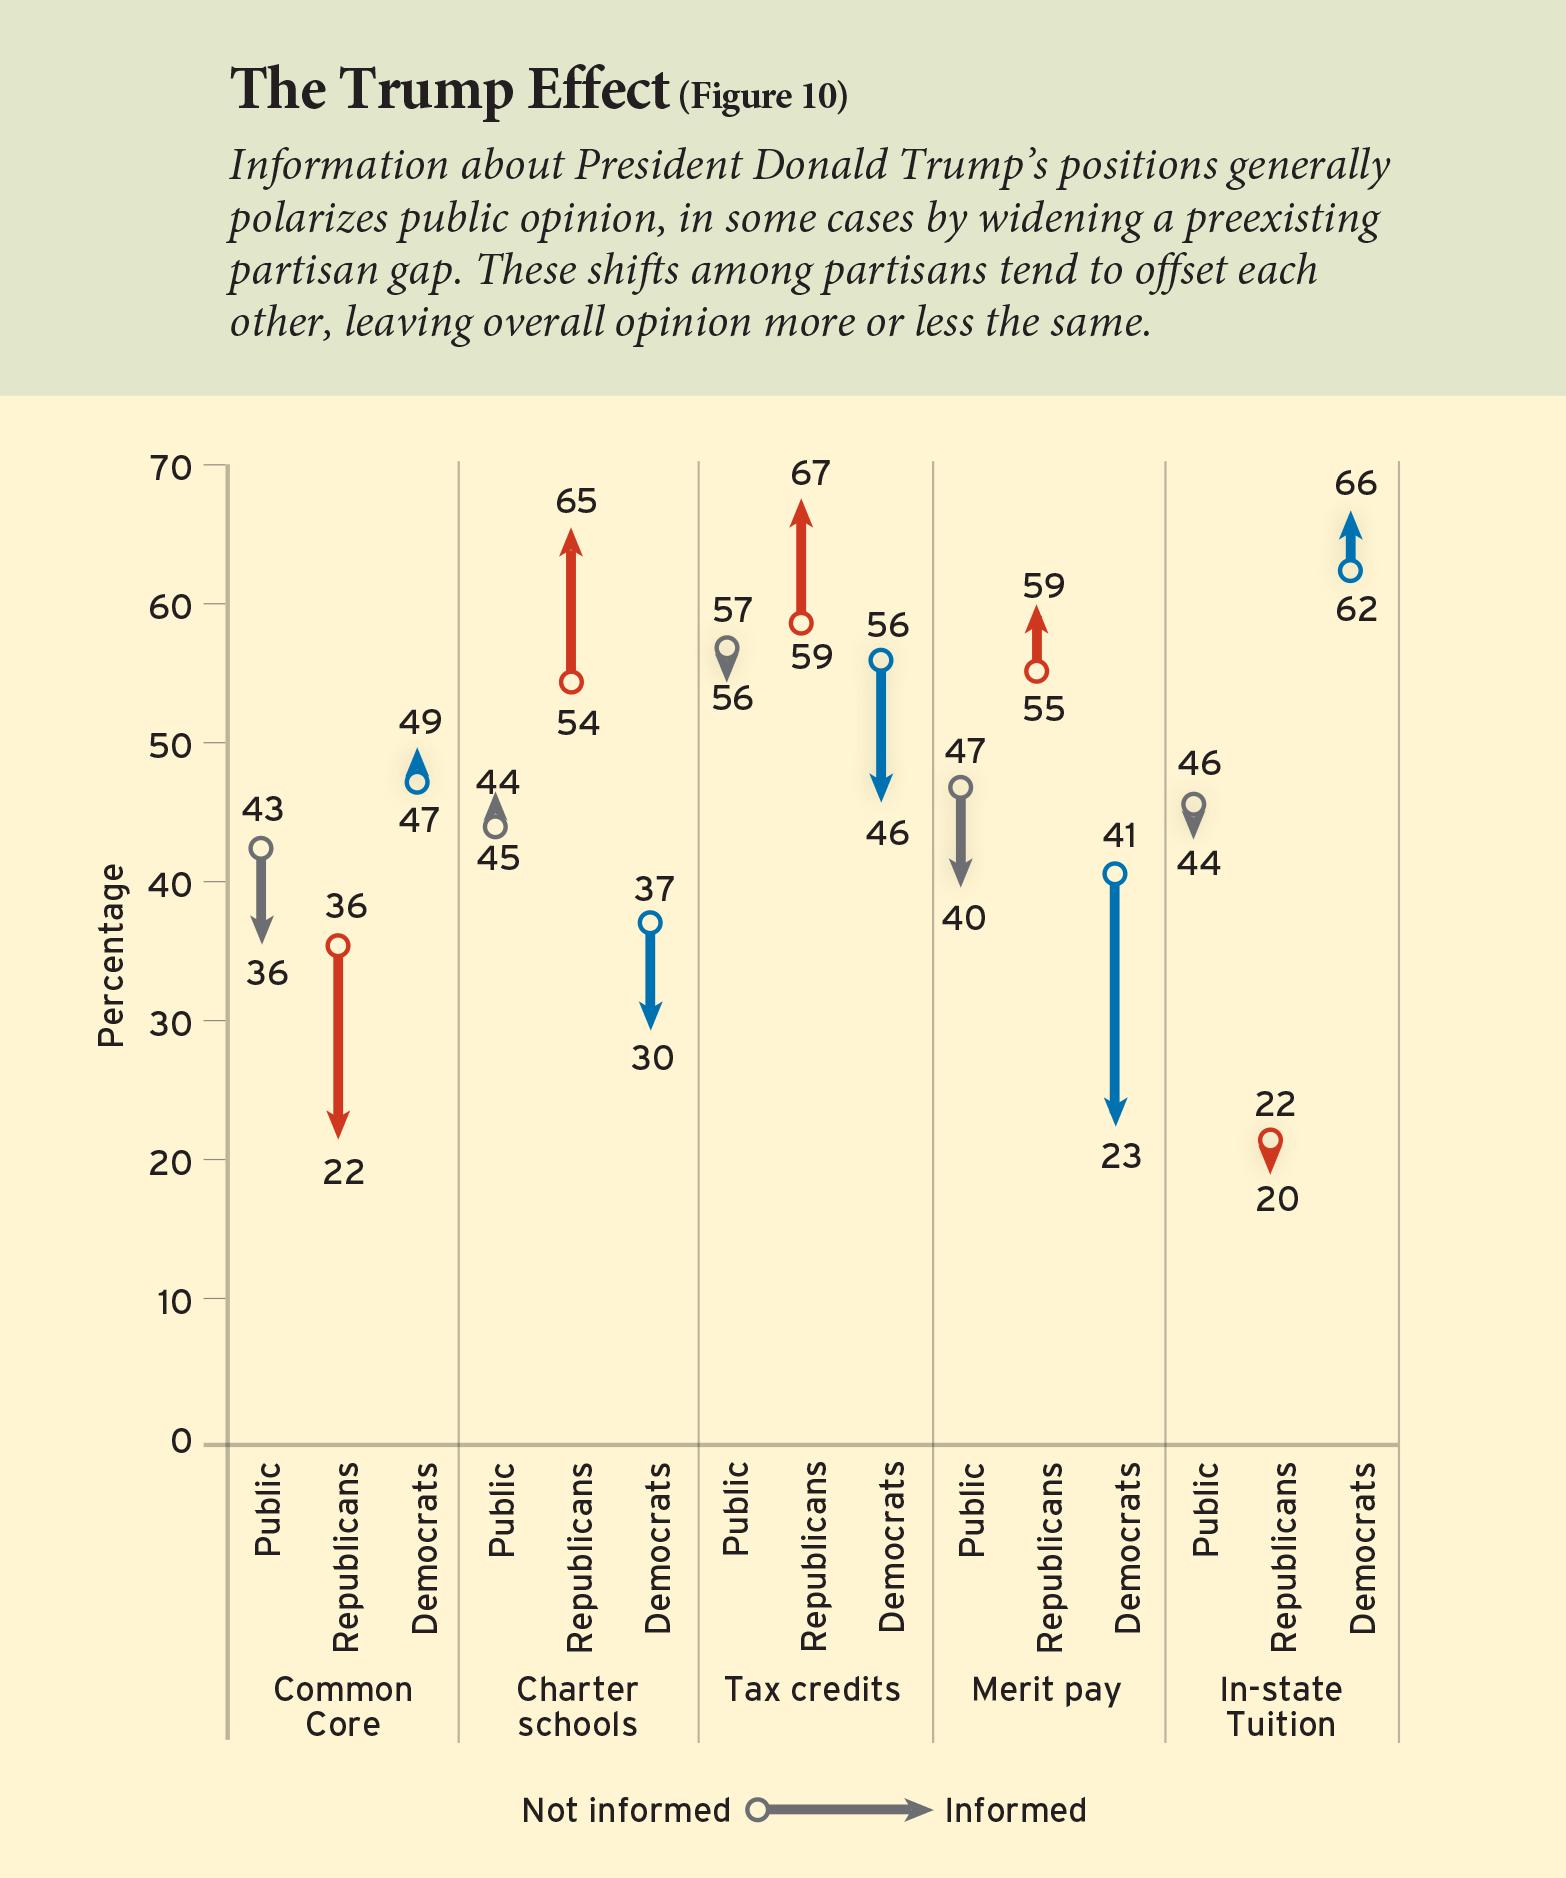 Figure 10: The Trump Effect